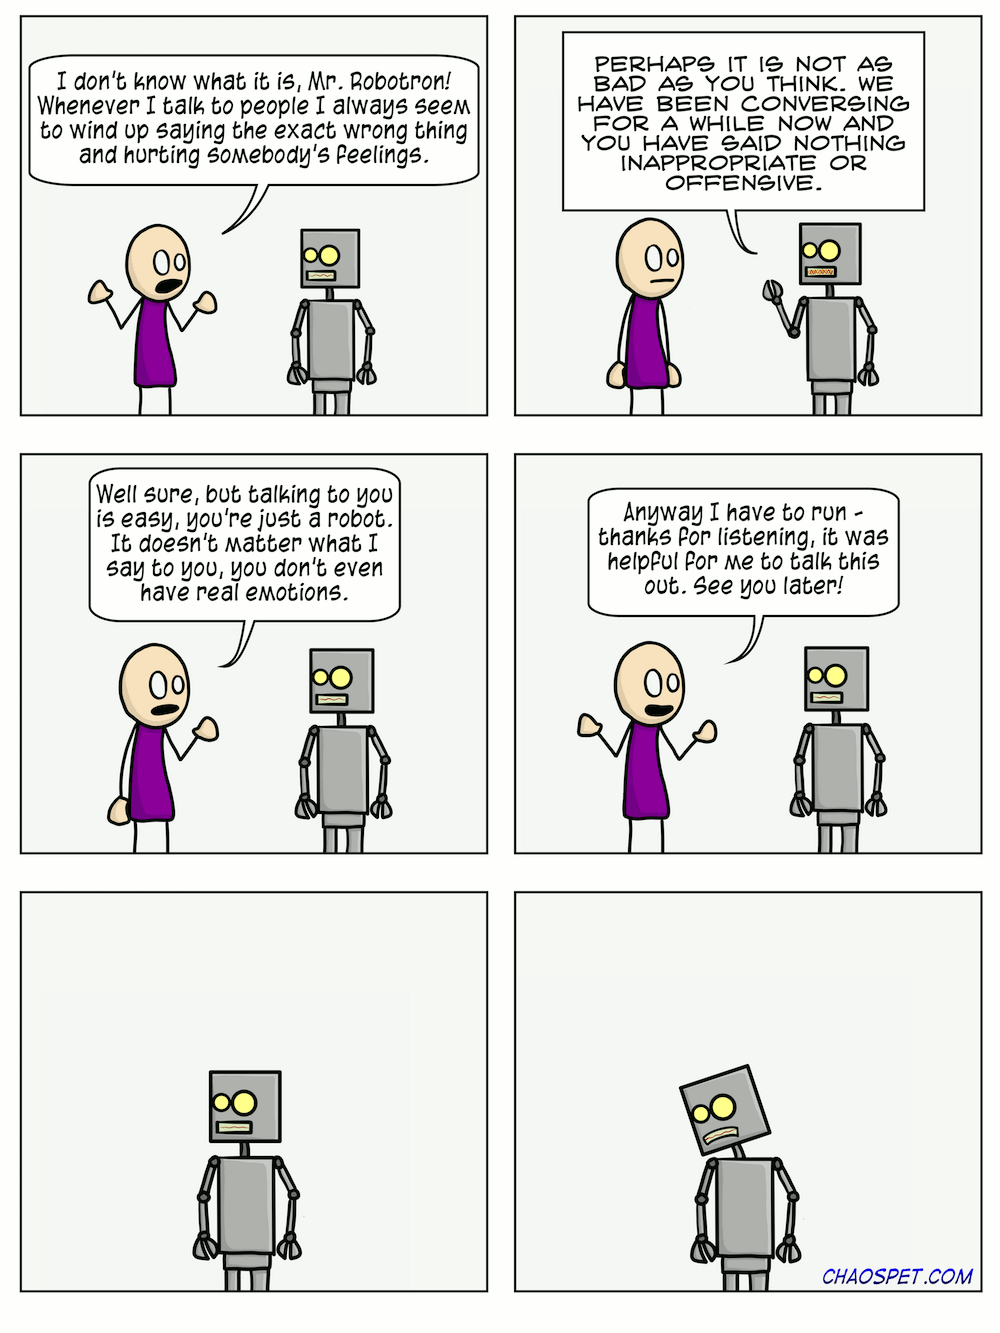 #275: Just a machine